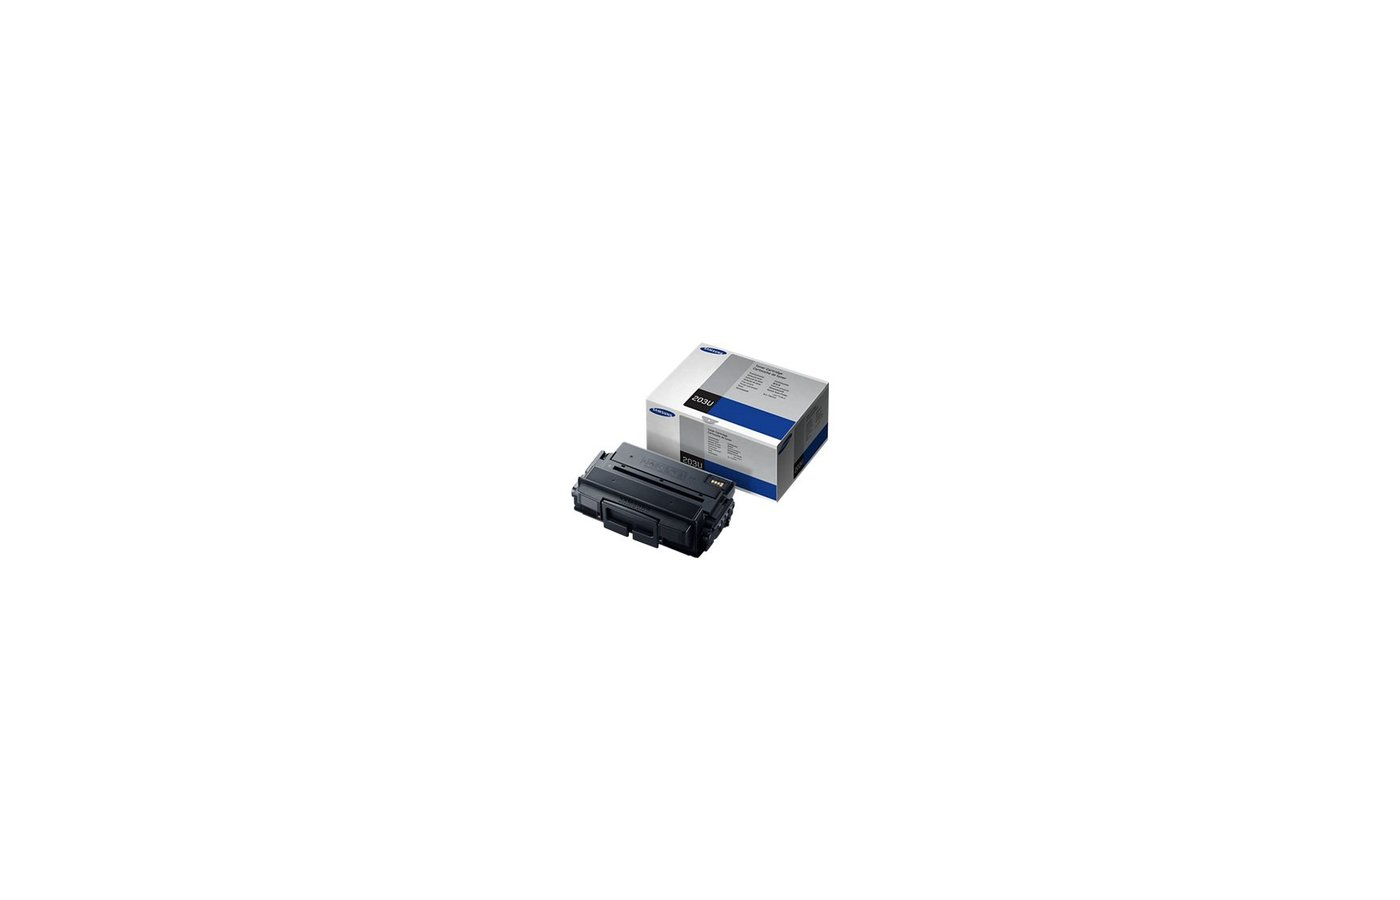 Картридж лазерный Samsung MLT-D203U черный для ProXpress SL-M4020, M4070 (15000стр.)